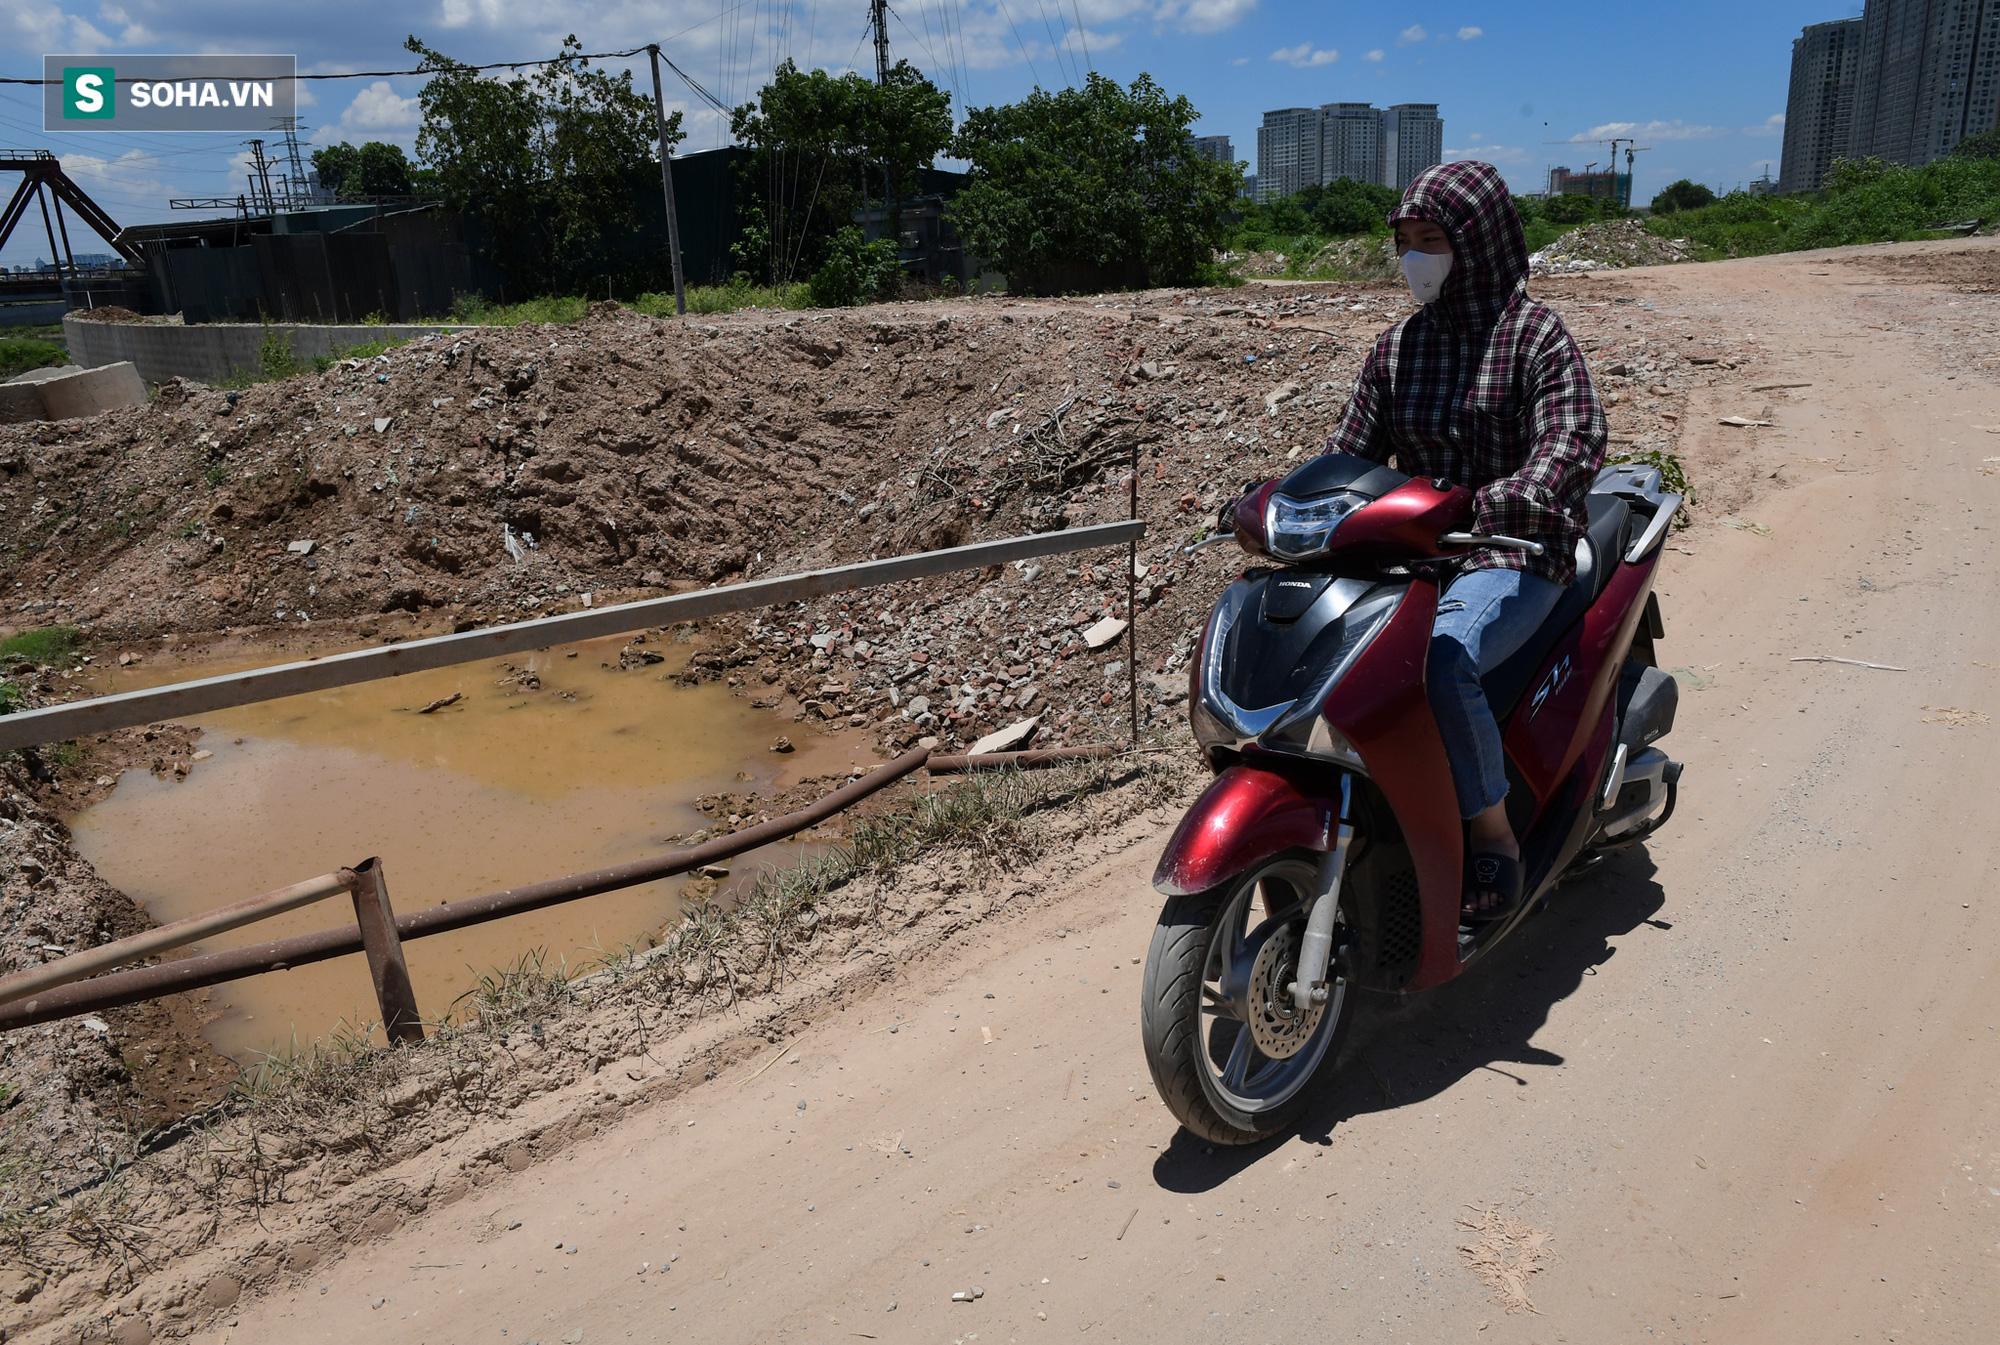 Đại dự án 7.000 tỷ đồng chống ngập cho 6 quận huyện phía Tây TP Hà Nội chậm tiến độ, ngập ngụa trong rác - Ảnh 17.